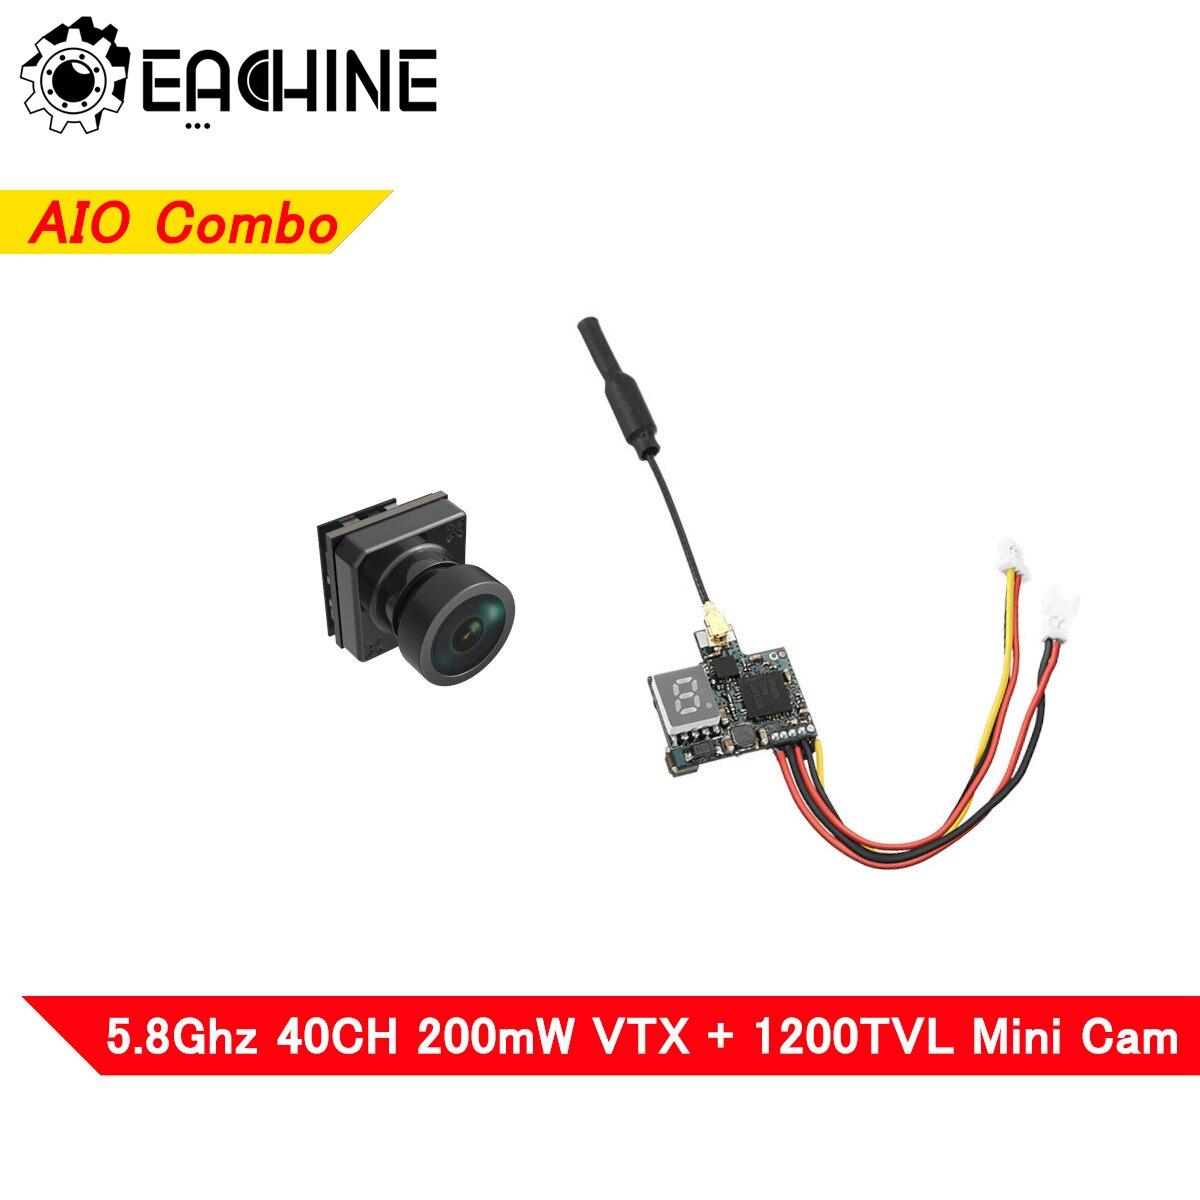 Eachine-Mini caméra transmetteur FPV, VTX02 + Foxeer Pico Razer, Combo 5.8GHz 40ch VTX 1200TVL, ensemble de Mini caméra pour Drone RC Racing